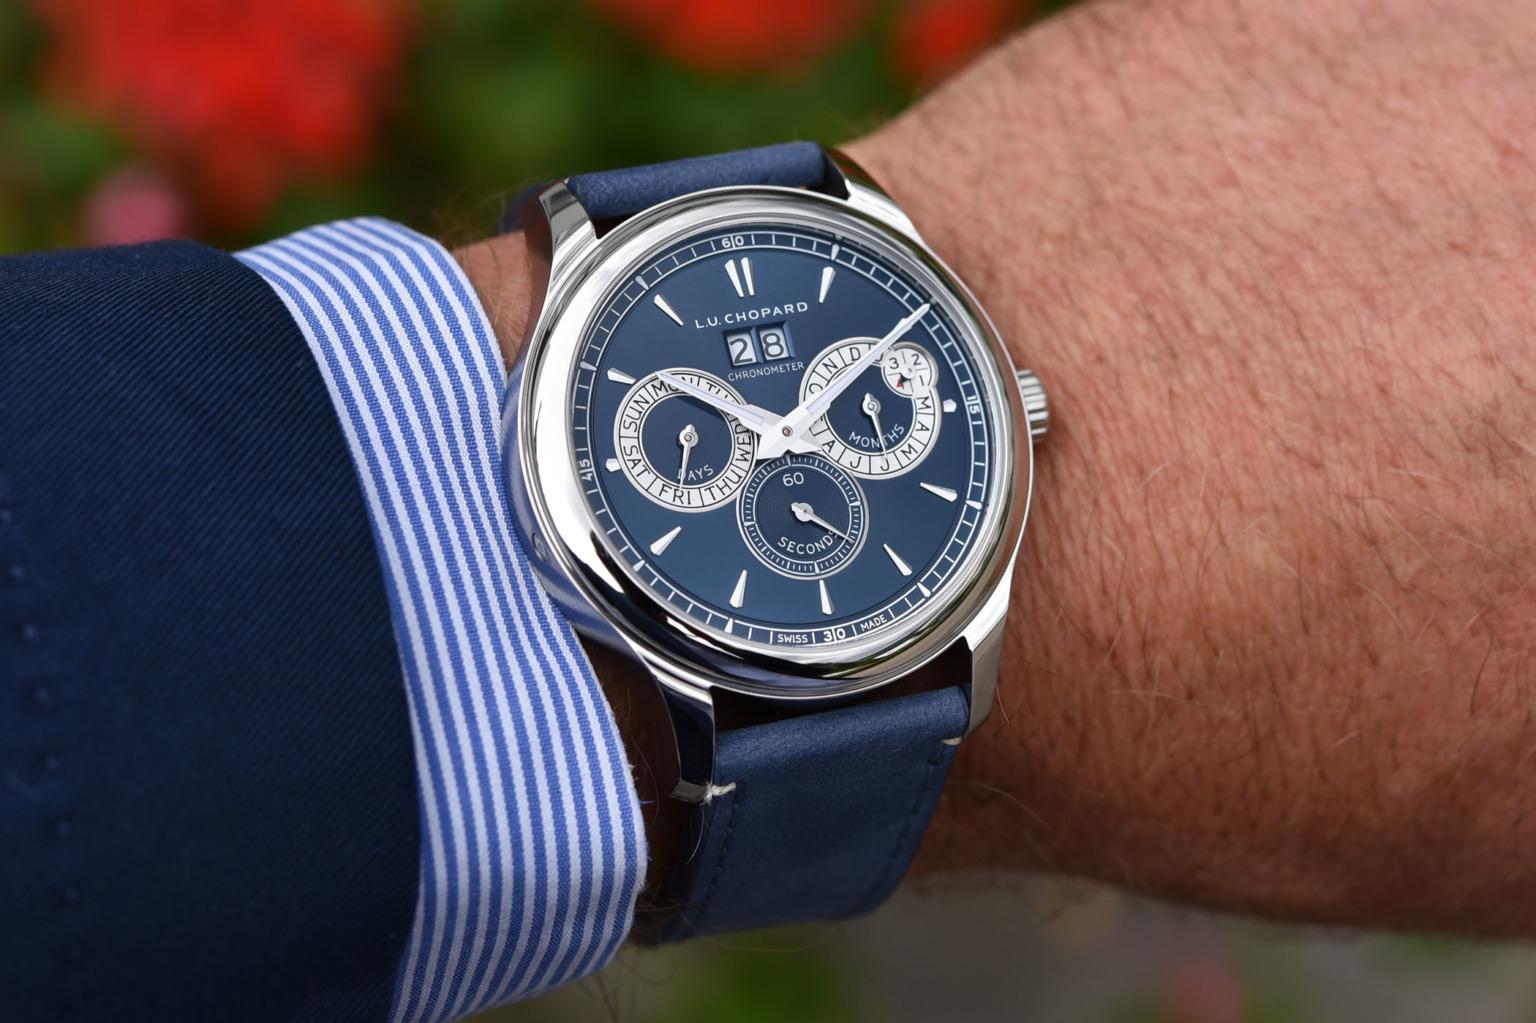 Giới thiệu đồng hồ Chopard LUC Perpetual Twin với vẻ ngoài hiện đại hơn